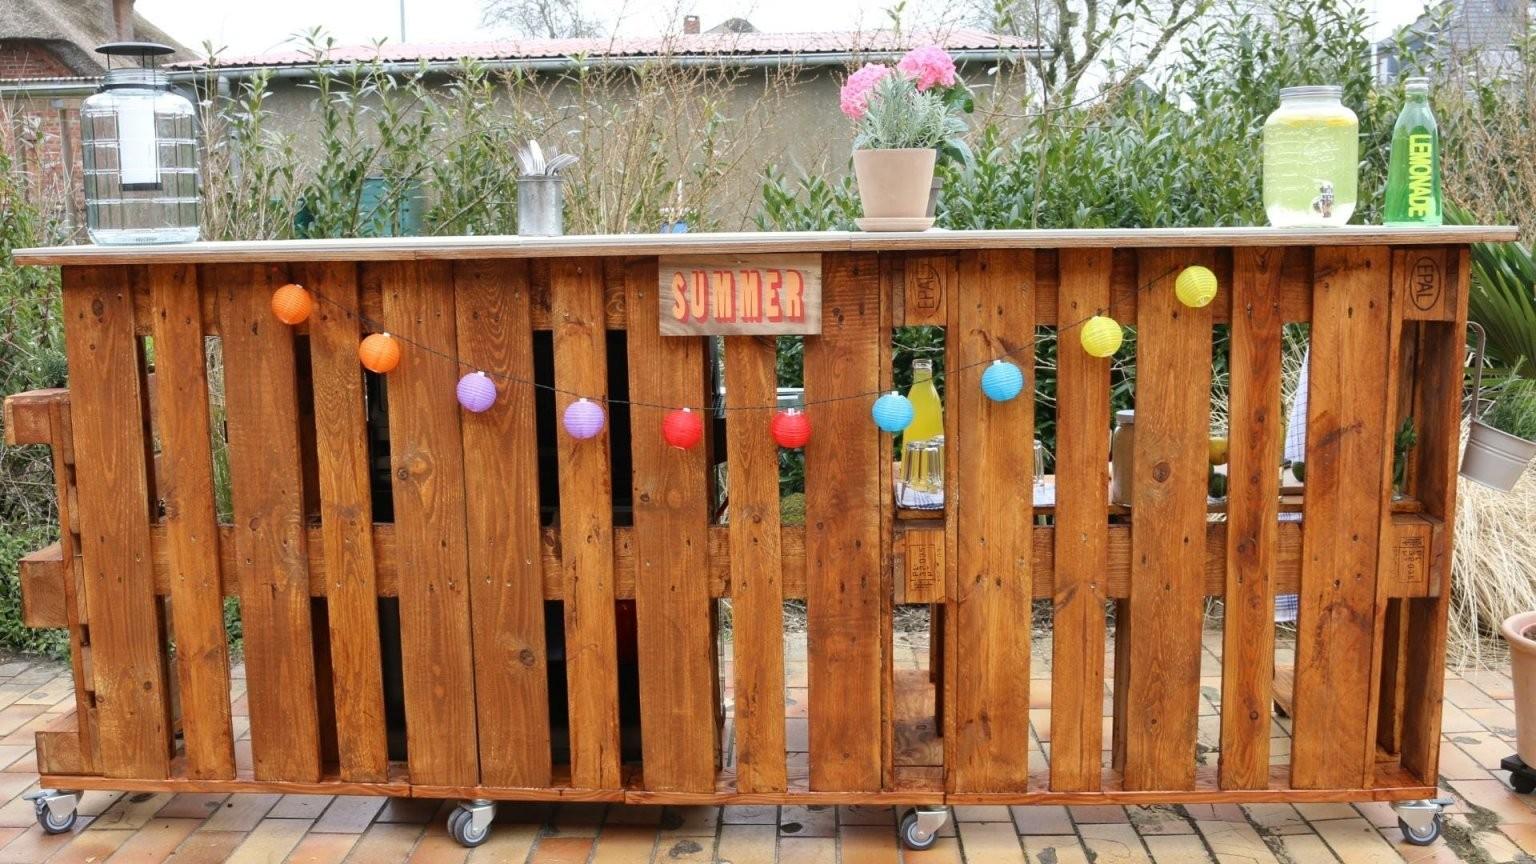 ᐅ Bar Aus Paletten Selber Bauen  Kaufen  Palettenbar von Bar Selber Bauen Paletten Bild